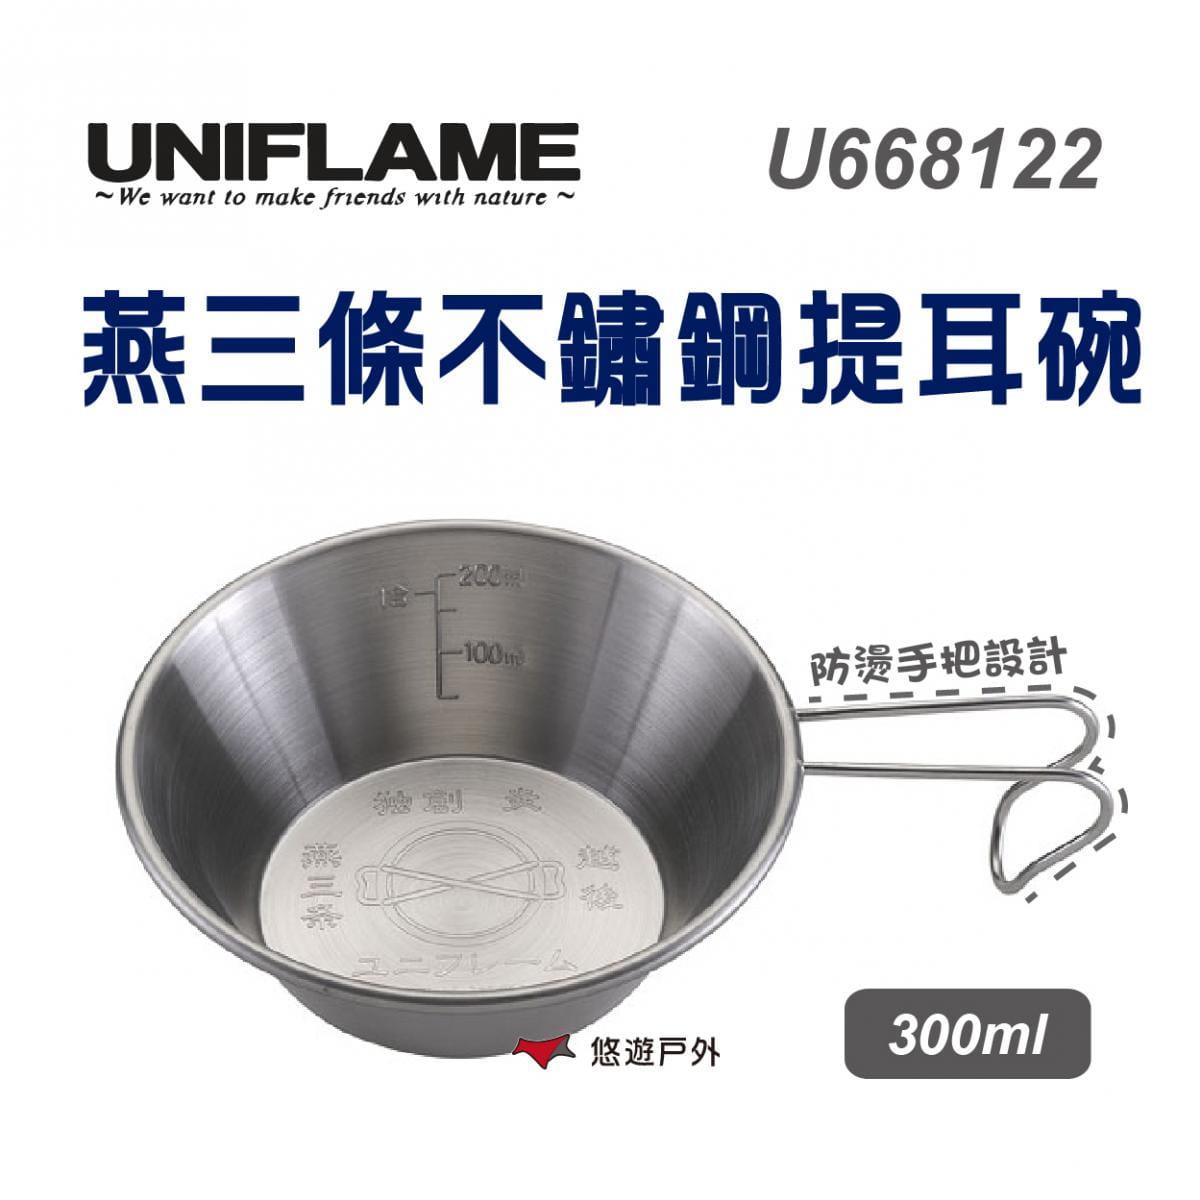 【UNIFLAME】U668122 日本 燕三條不鏽鋼提耳碗300ml 燕三條製 不銹鋼 提耳碗 0